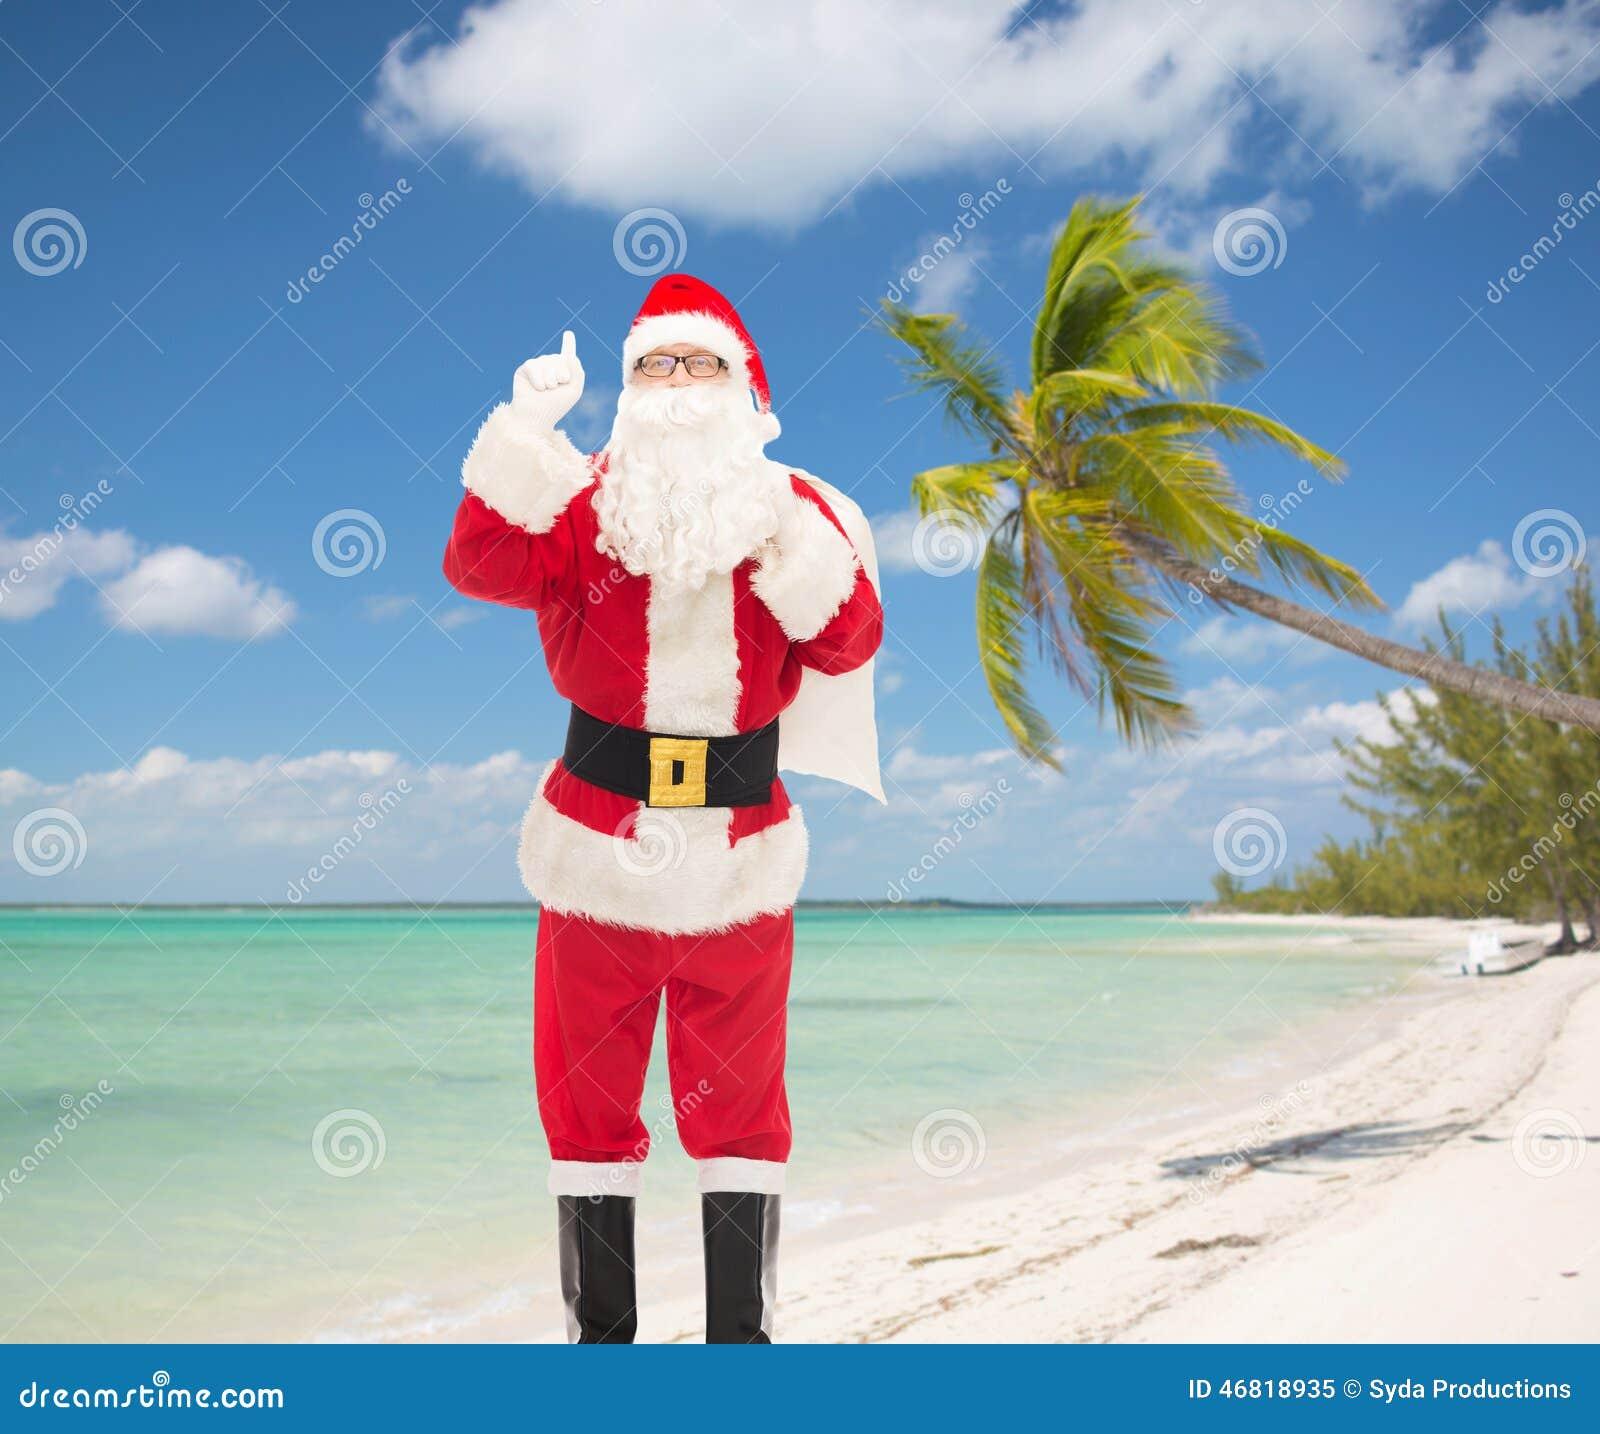 指向手指的圣诞老人服装的人图片